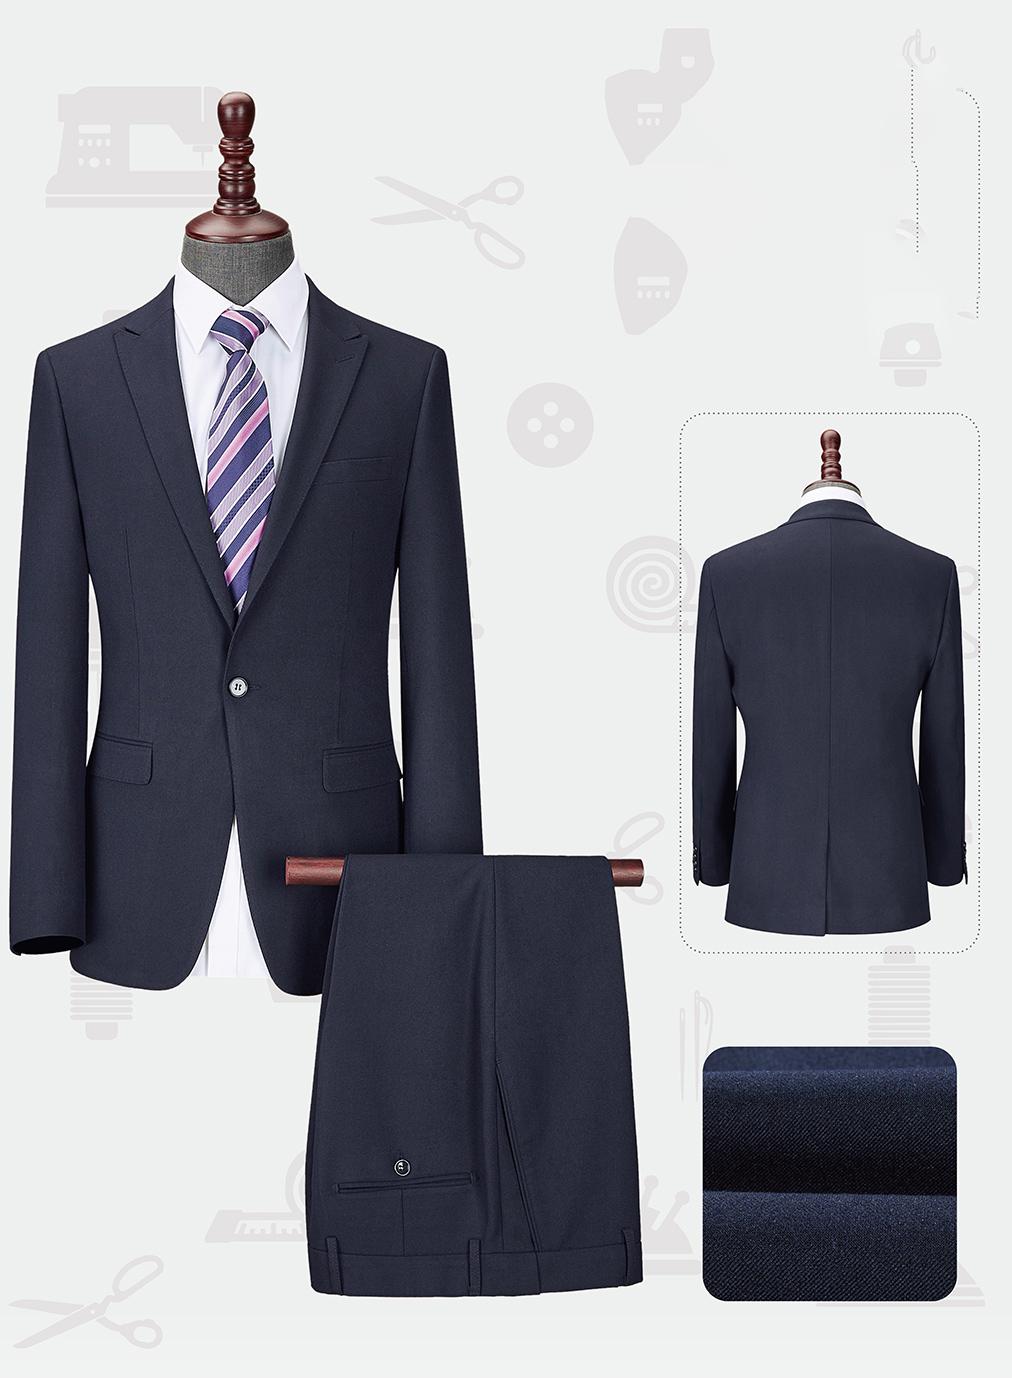 男韩版西服套装-LX-1238(样衣定制款)